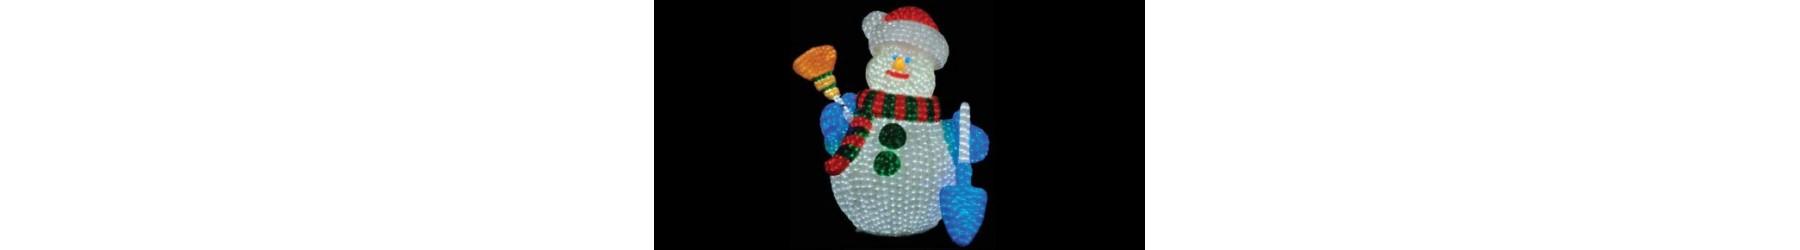 Φωτιζόμενοι Χριστουγεννιάτικοι χιονάνθρωποι διακόσμησης